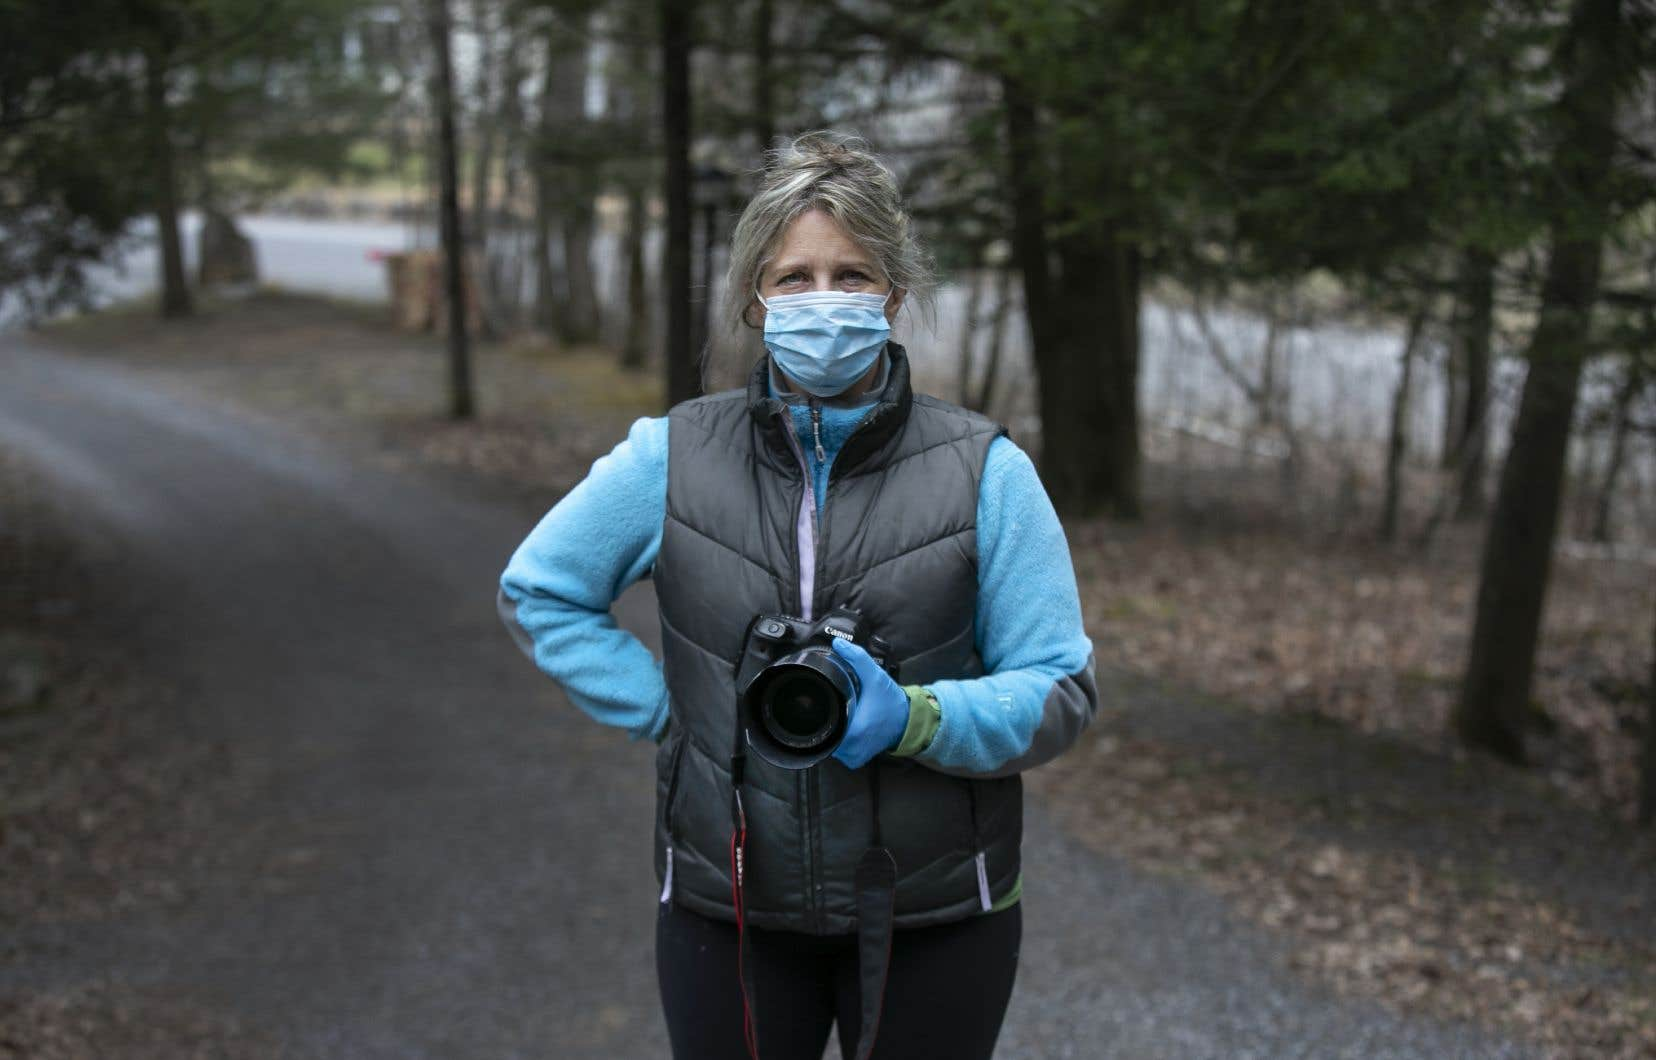 Sur le terrain, la photojournaliste Marie-France Coallier a pris l'habitude de porter un masque de protection.